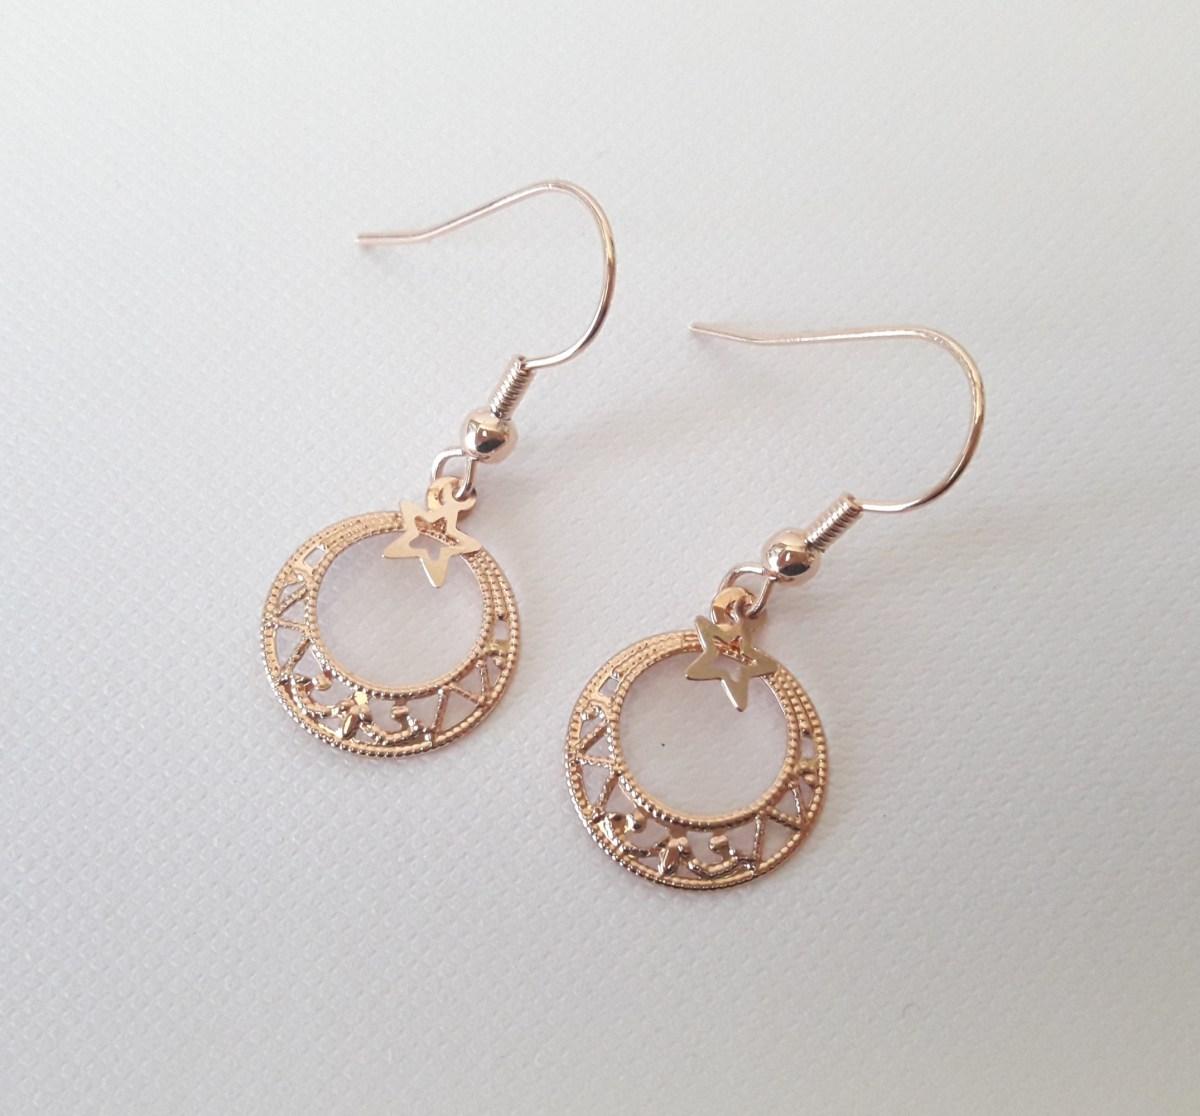 Boucles d'oreilles or rose anneaux